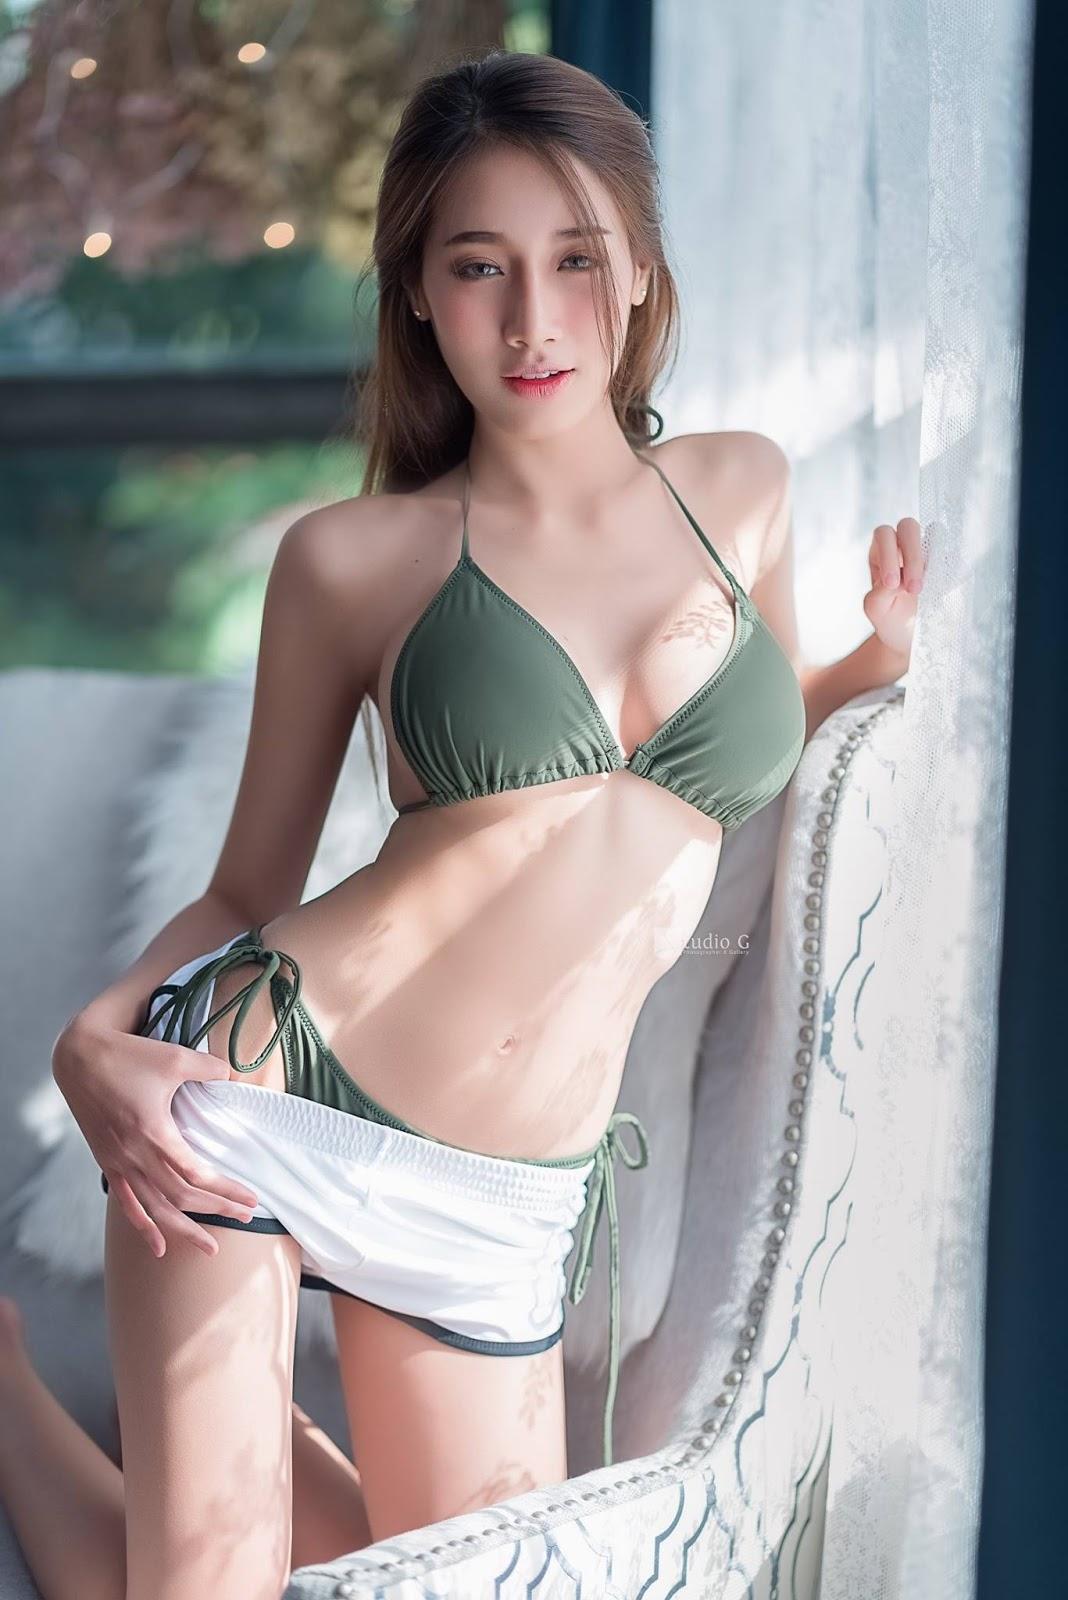 tron bo hinh nen bikini dep cho dien thoai hot nhat nam 2020 1